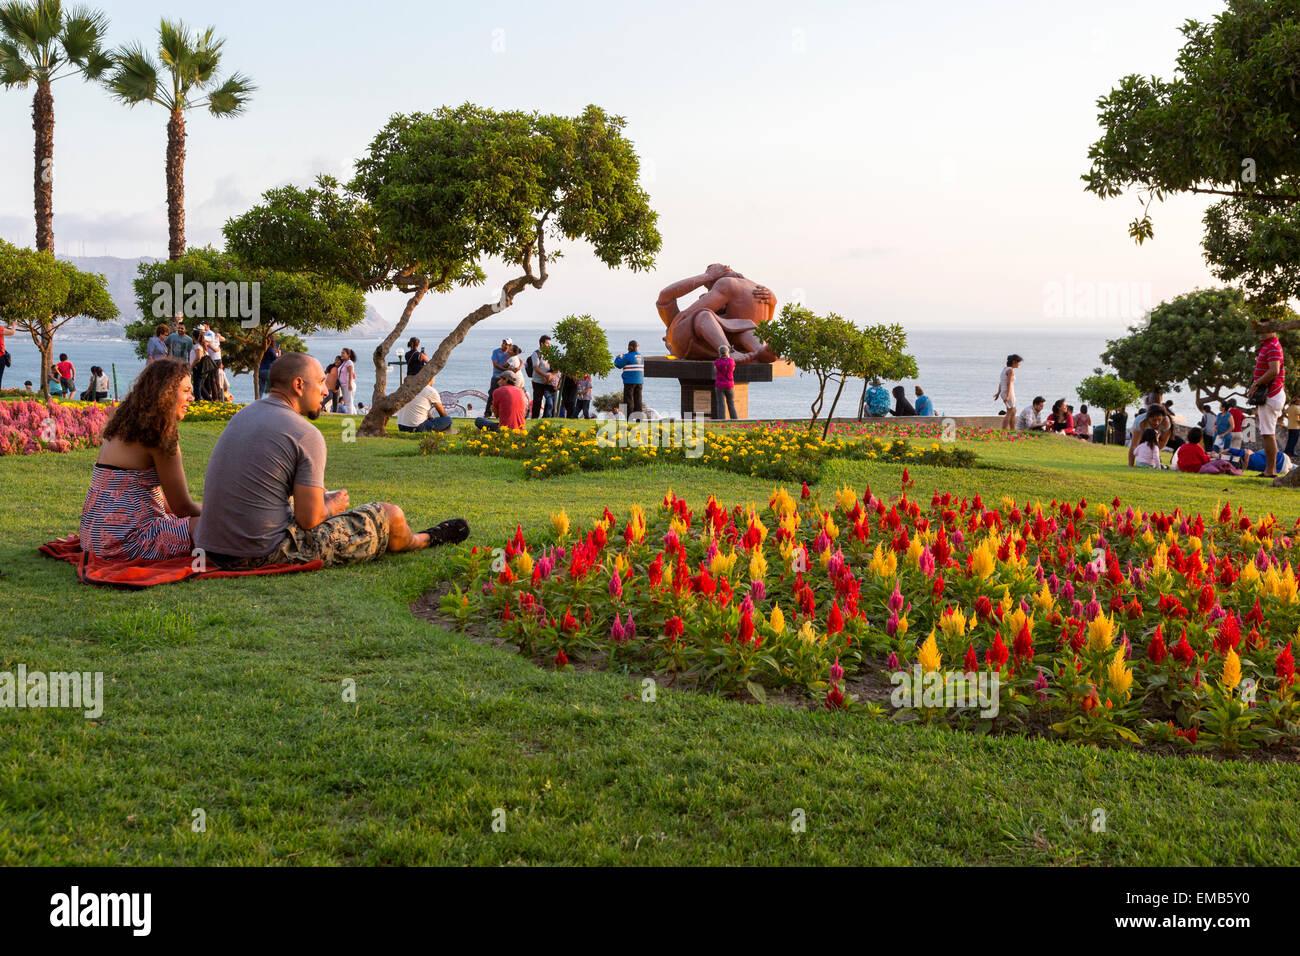 """Perú, Lima. Amor Park (Parque del Amor). La escultura """"El Beso"""" (El Beso) por Victor Delfin en segundo Imagen De Stock"""